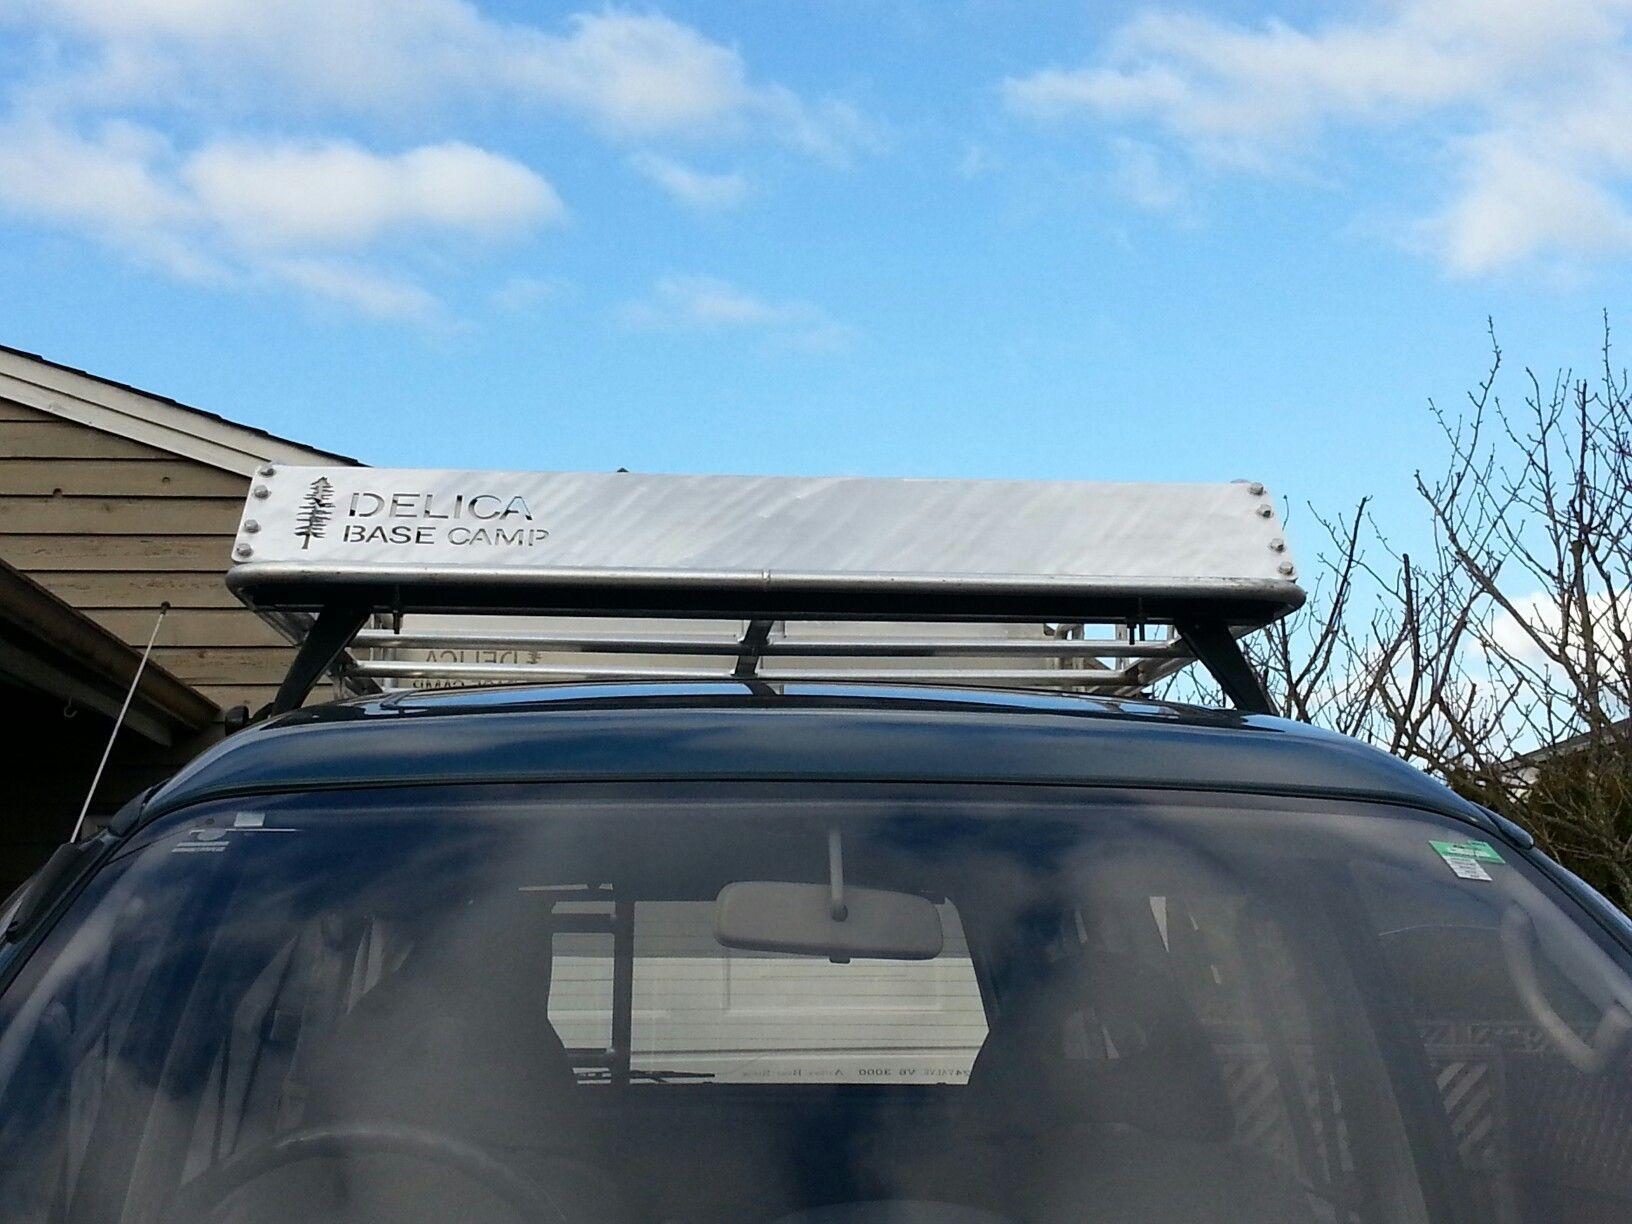 Delica Roof basket Roof basket, Camper conversion, Delica